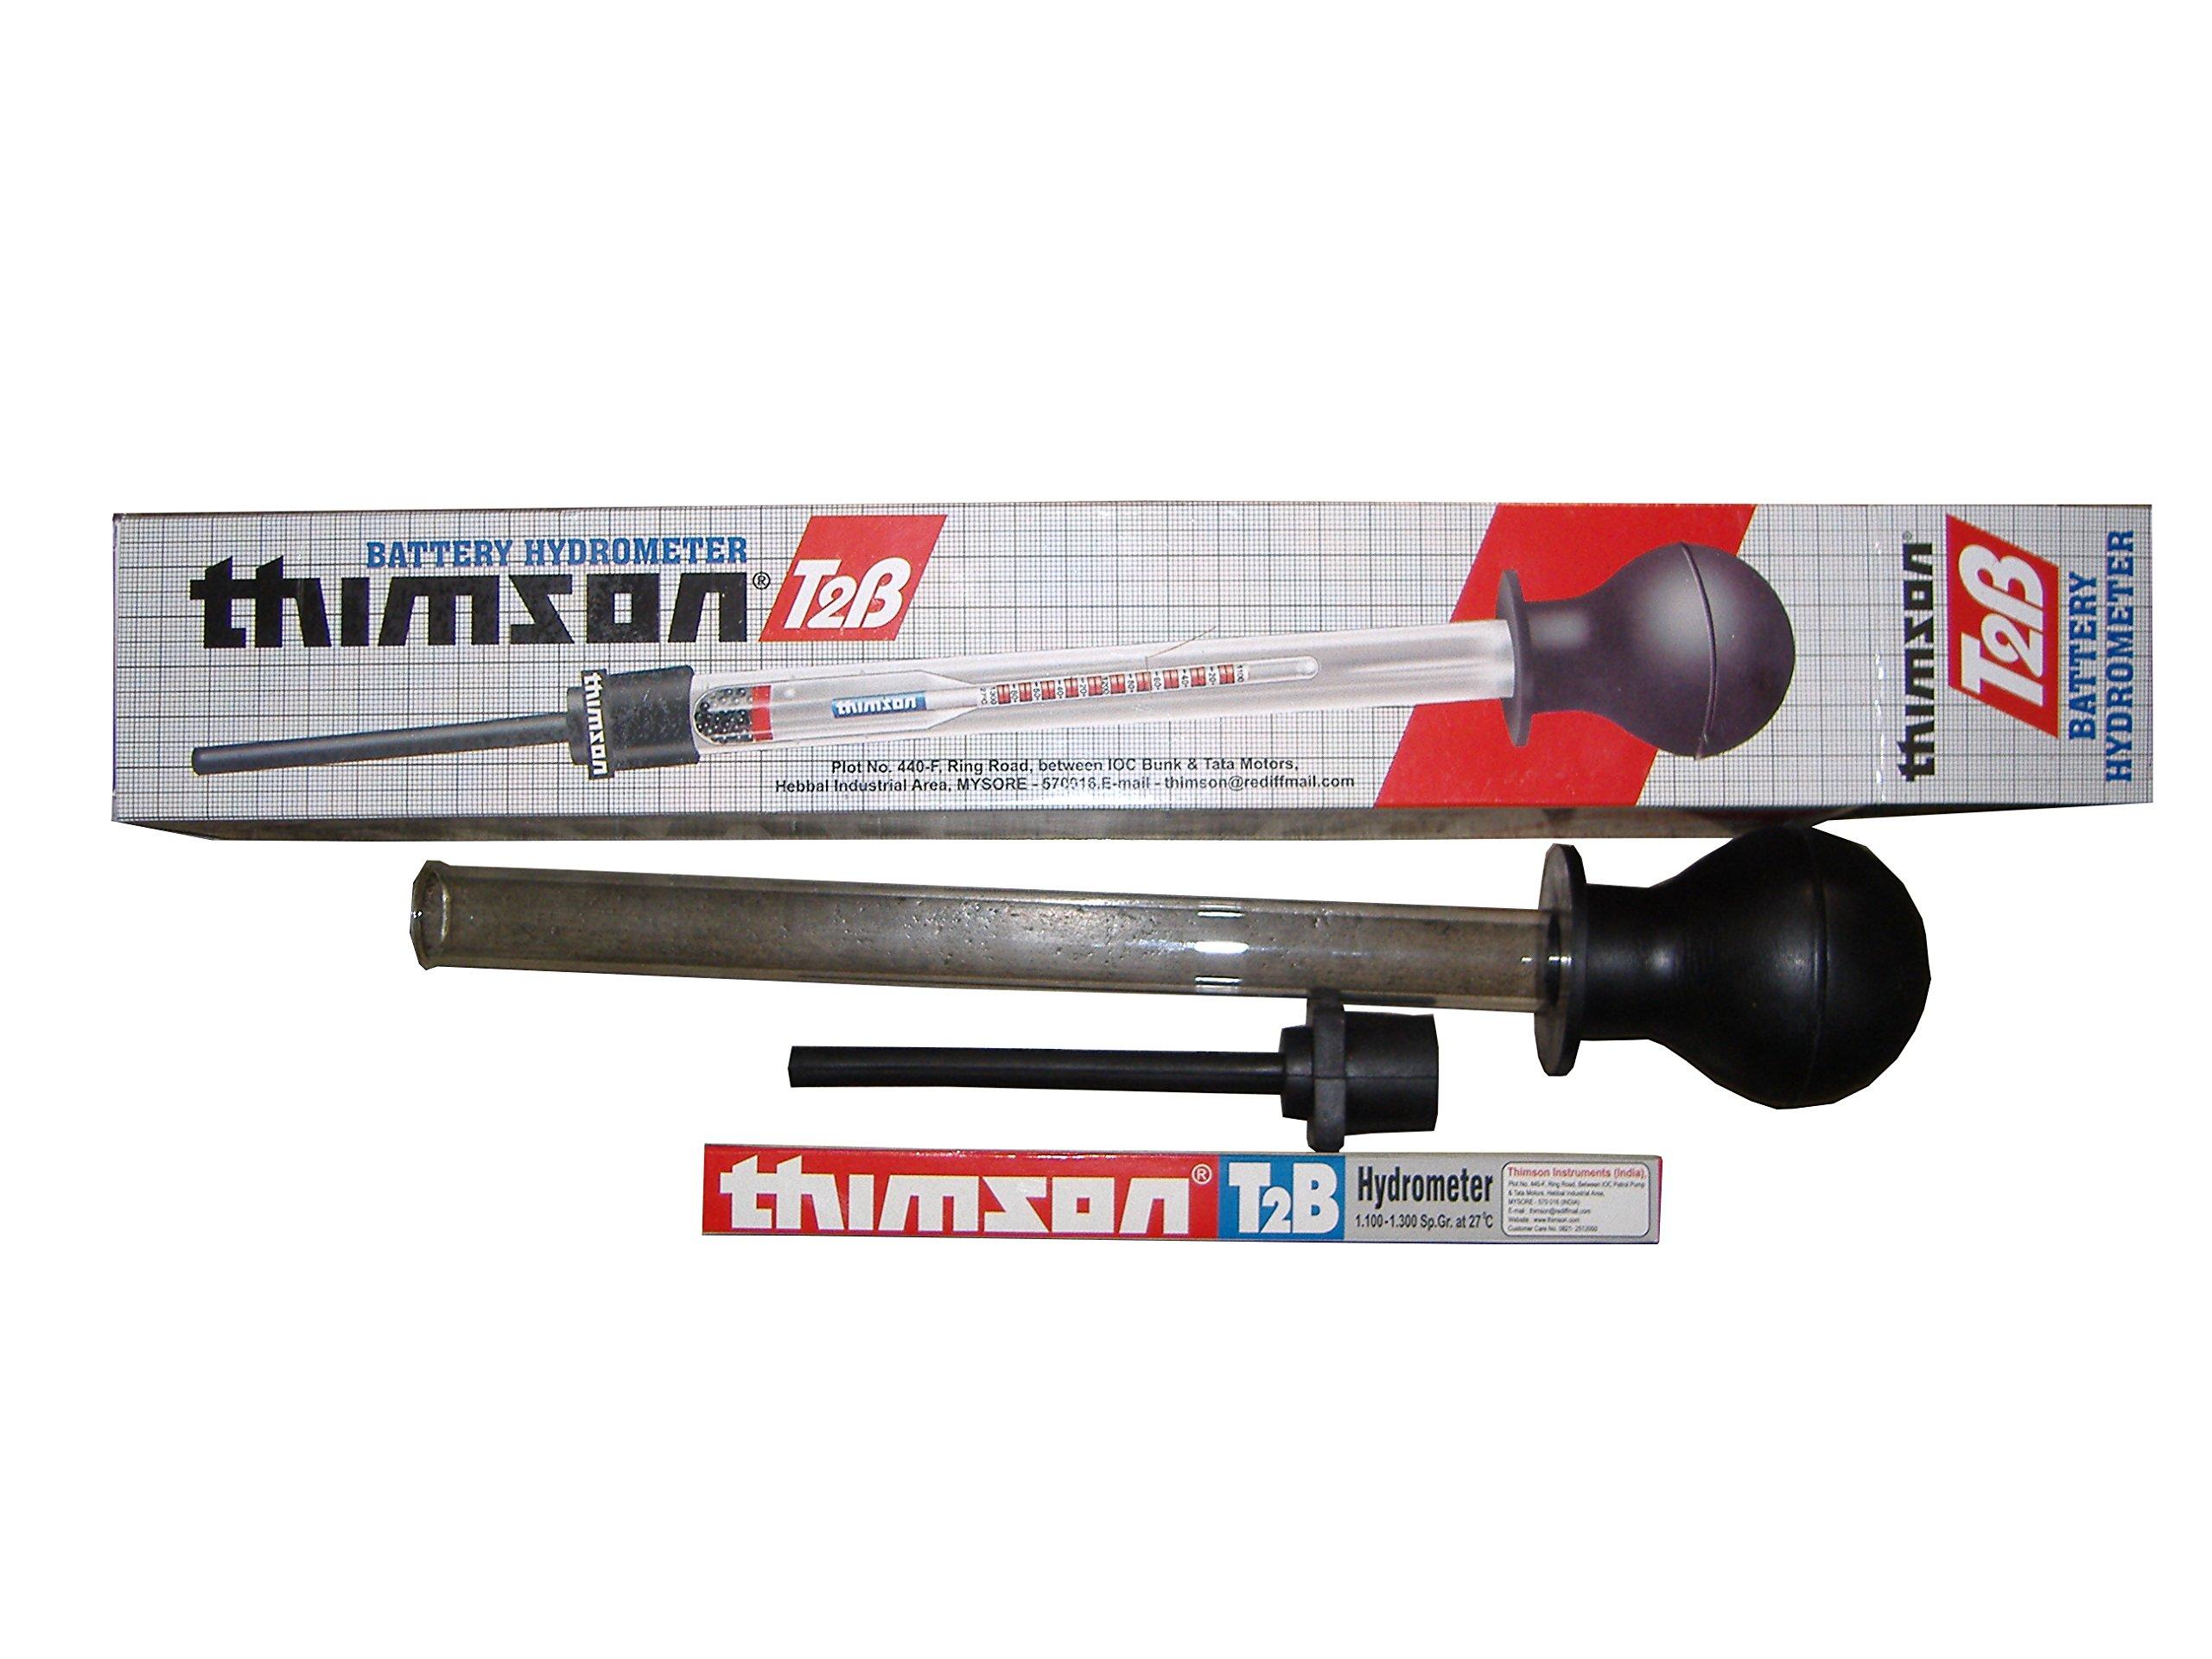 Thimson 12 Volt Inverter Battery Hydrometer Specific Gravity Tester